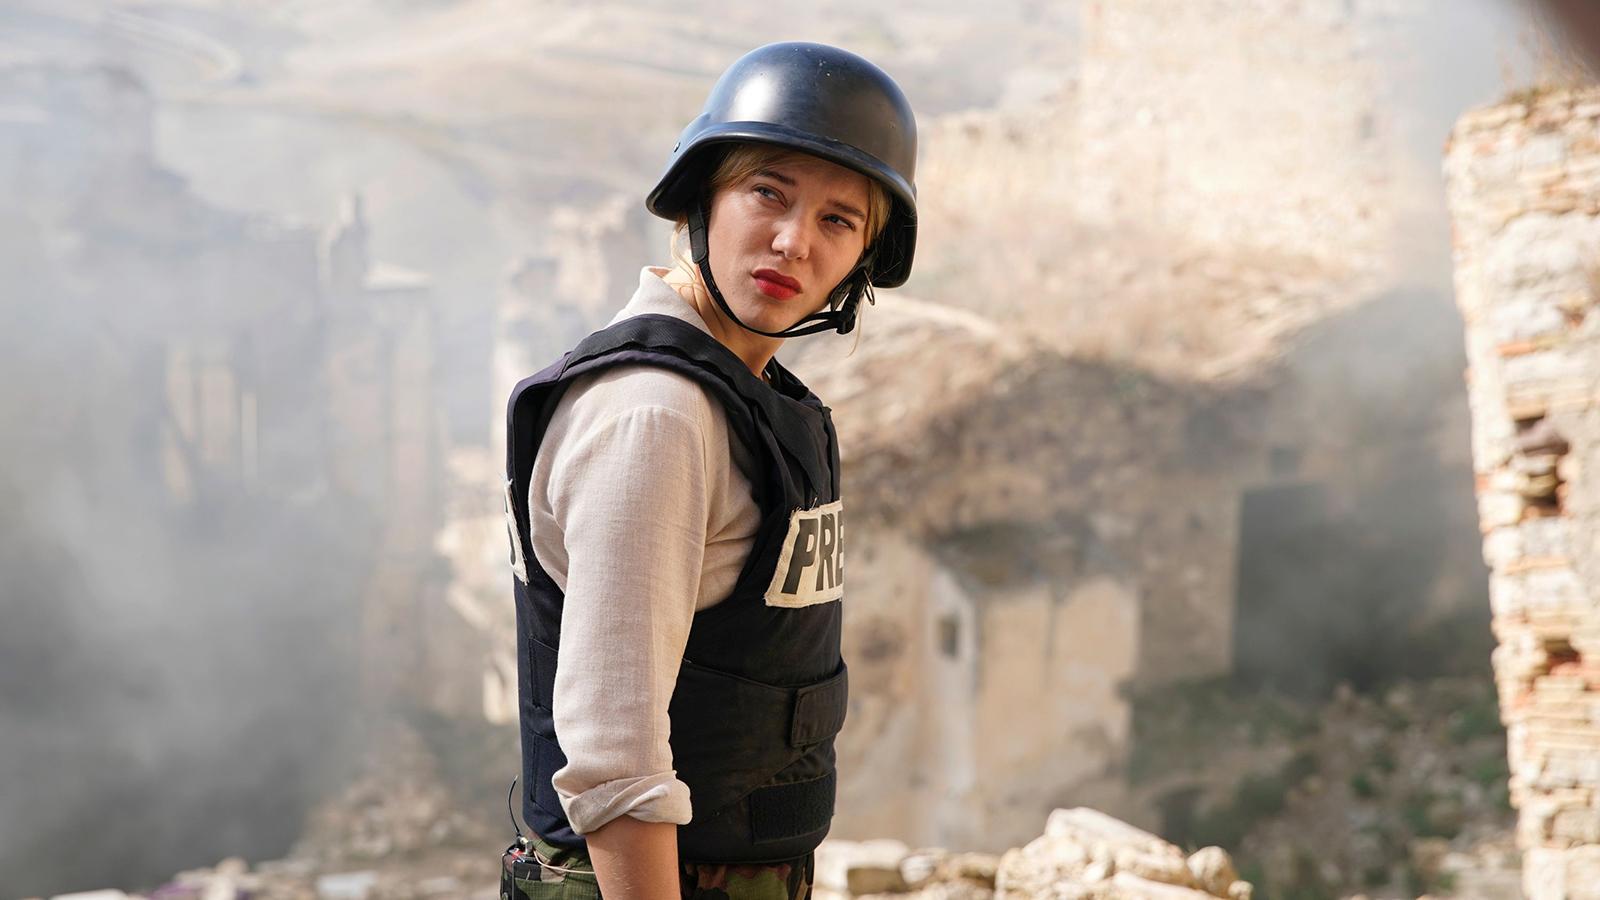 """Léa Seydoux i filmen """"France"""" där hon spelar krigsreporter."""